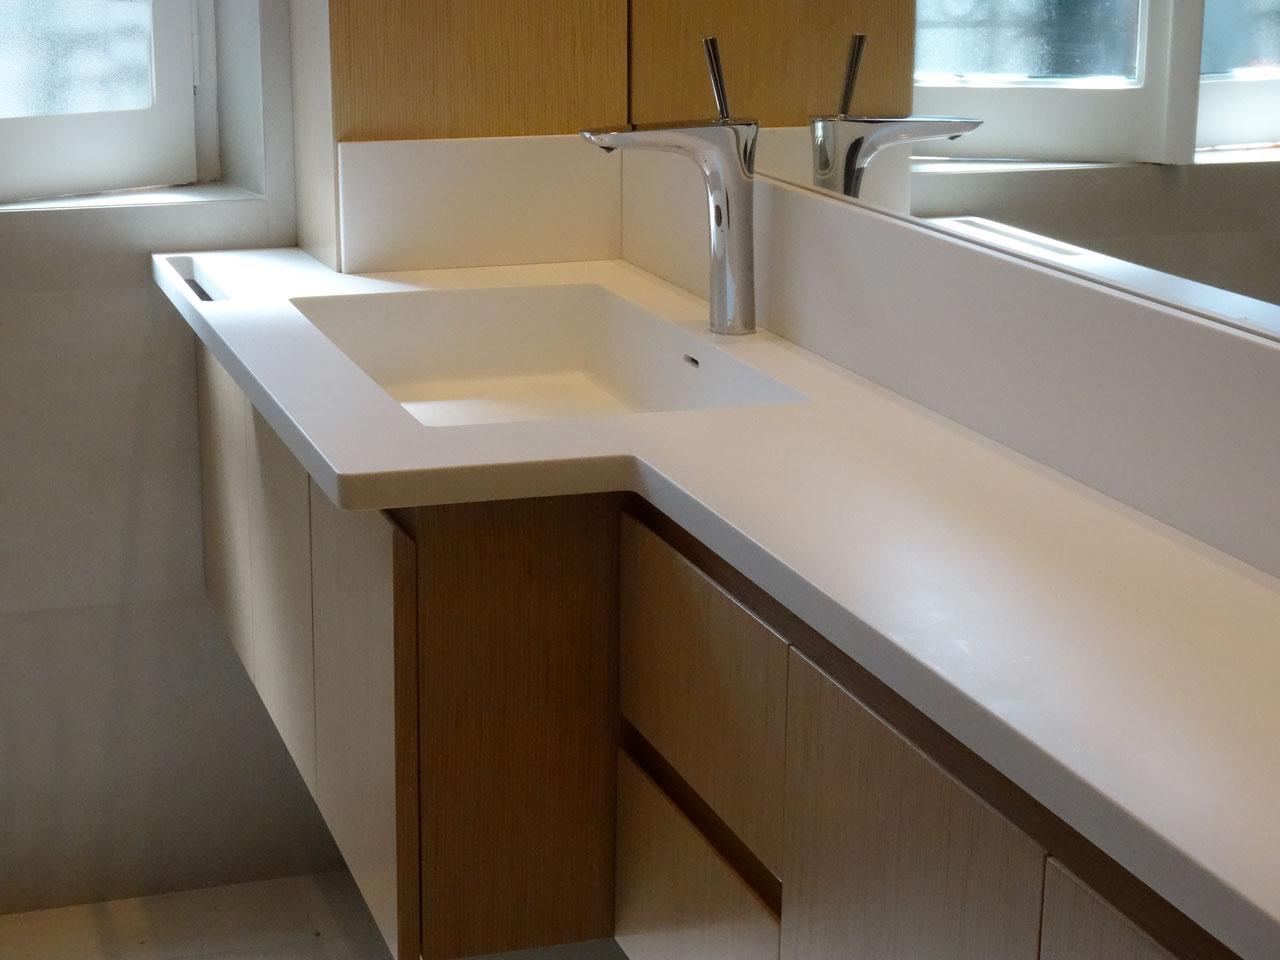 Mobile Bagno Lavandino Incasso arco arredo design in corian® | mobile bagno top corian®